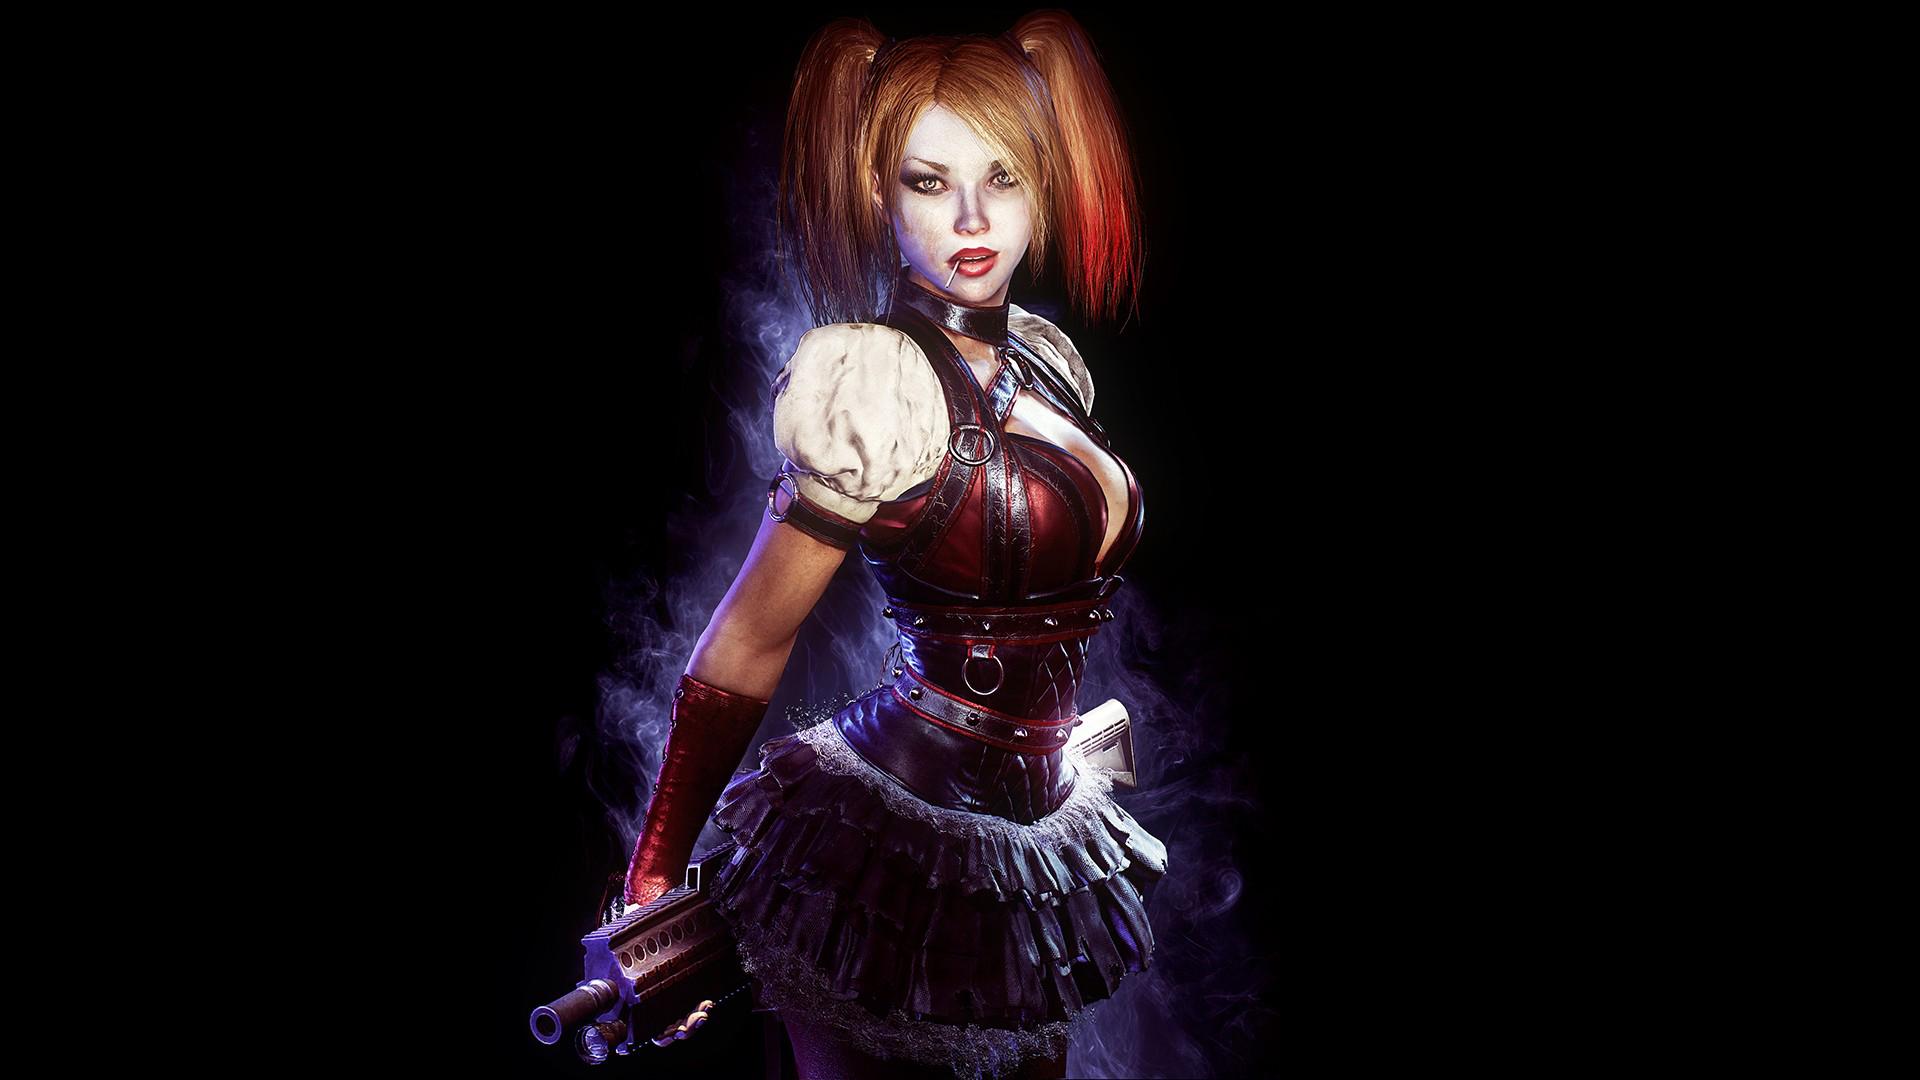 Harley-Arkham-Knight